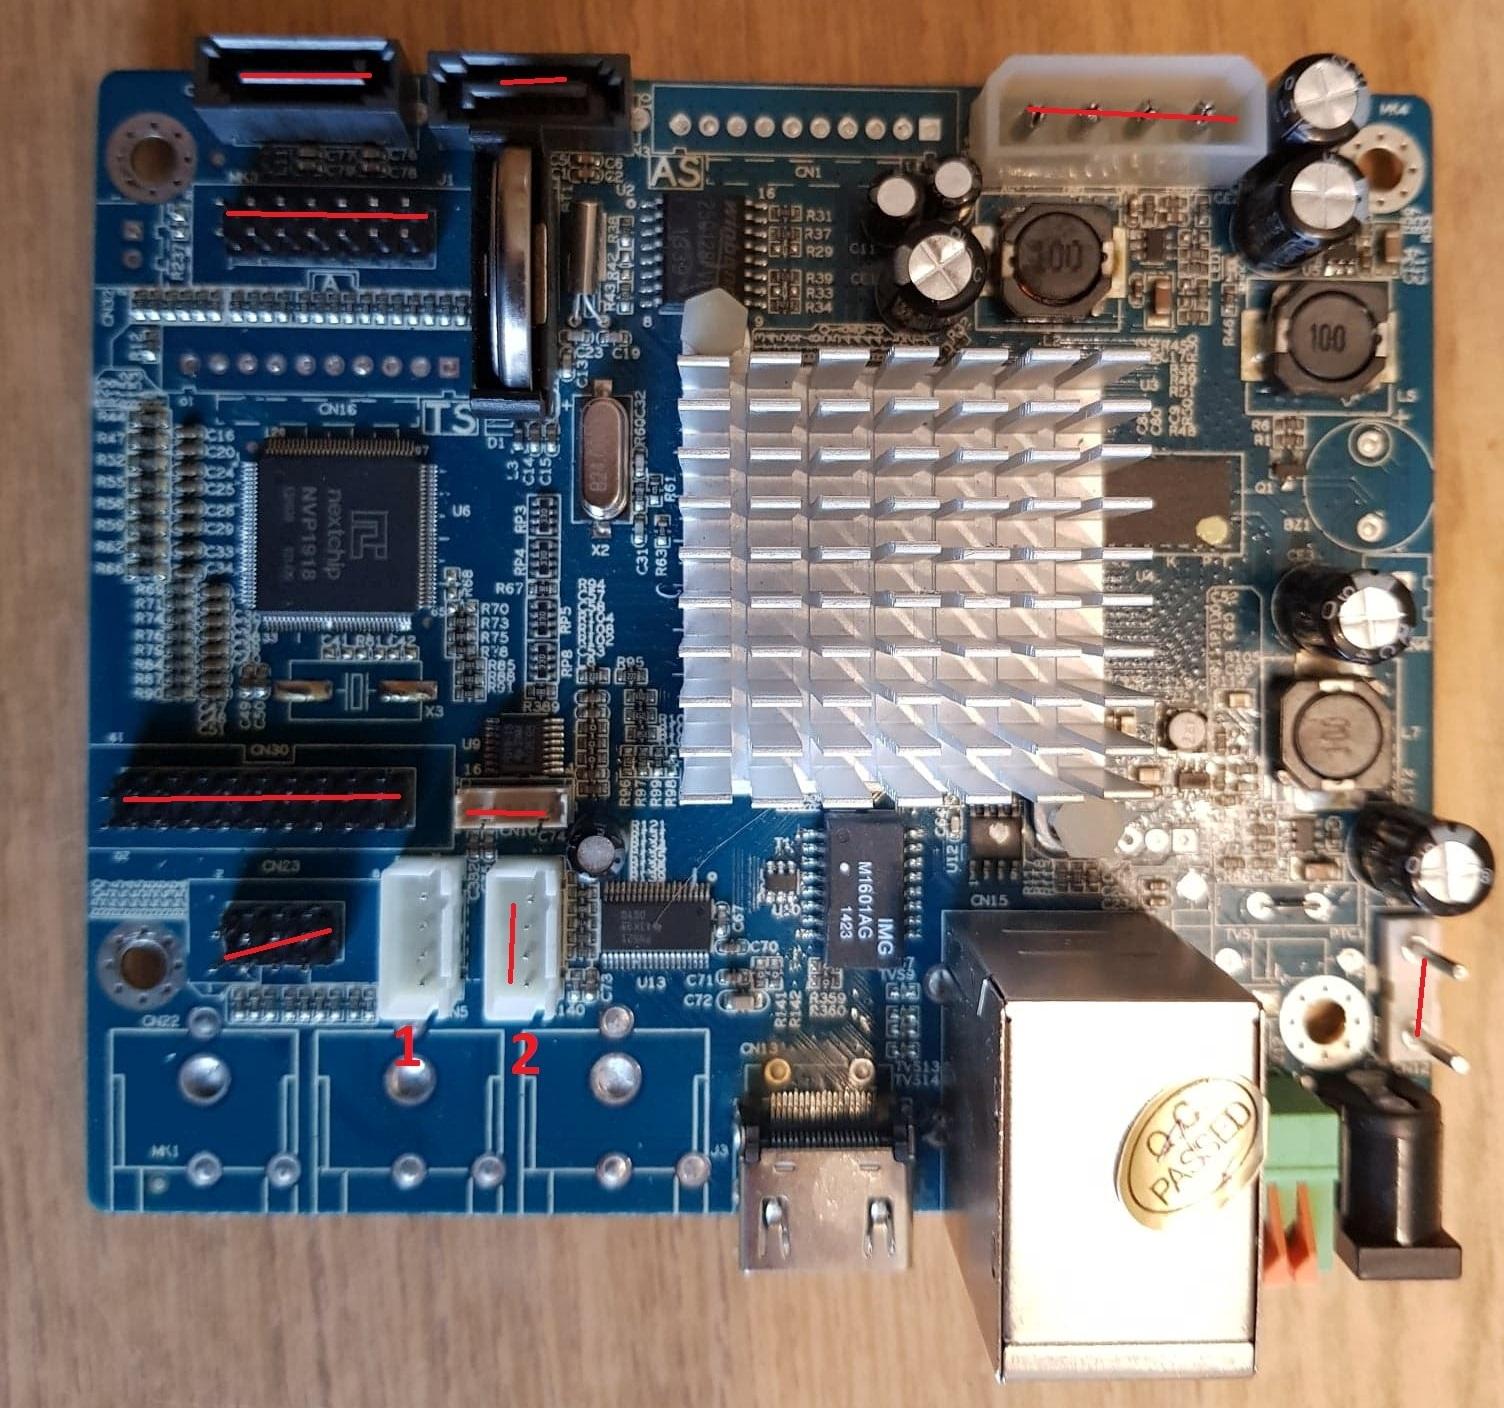 Rozwiązano] DNR 2008 - odzysk firmware, dostęp do UART/U-BOOT